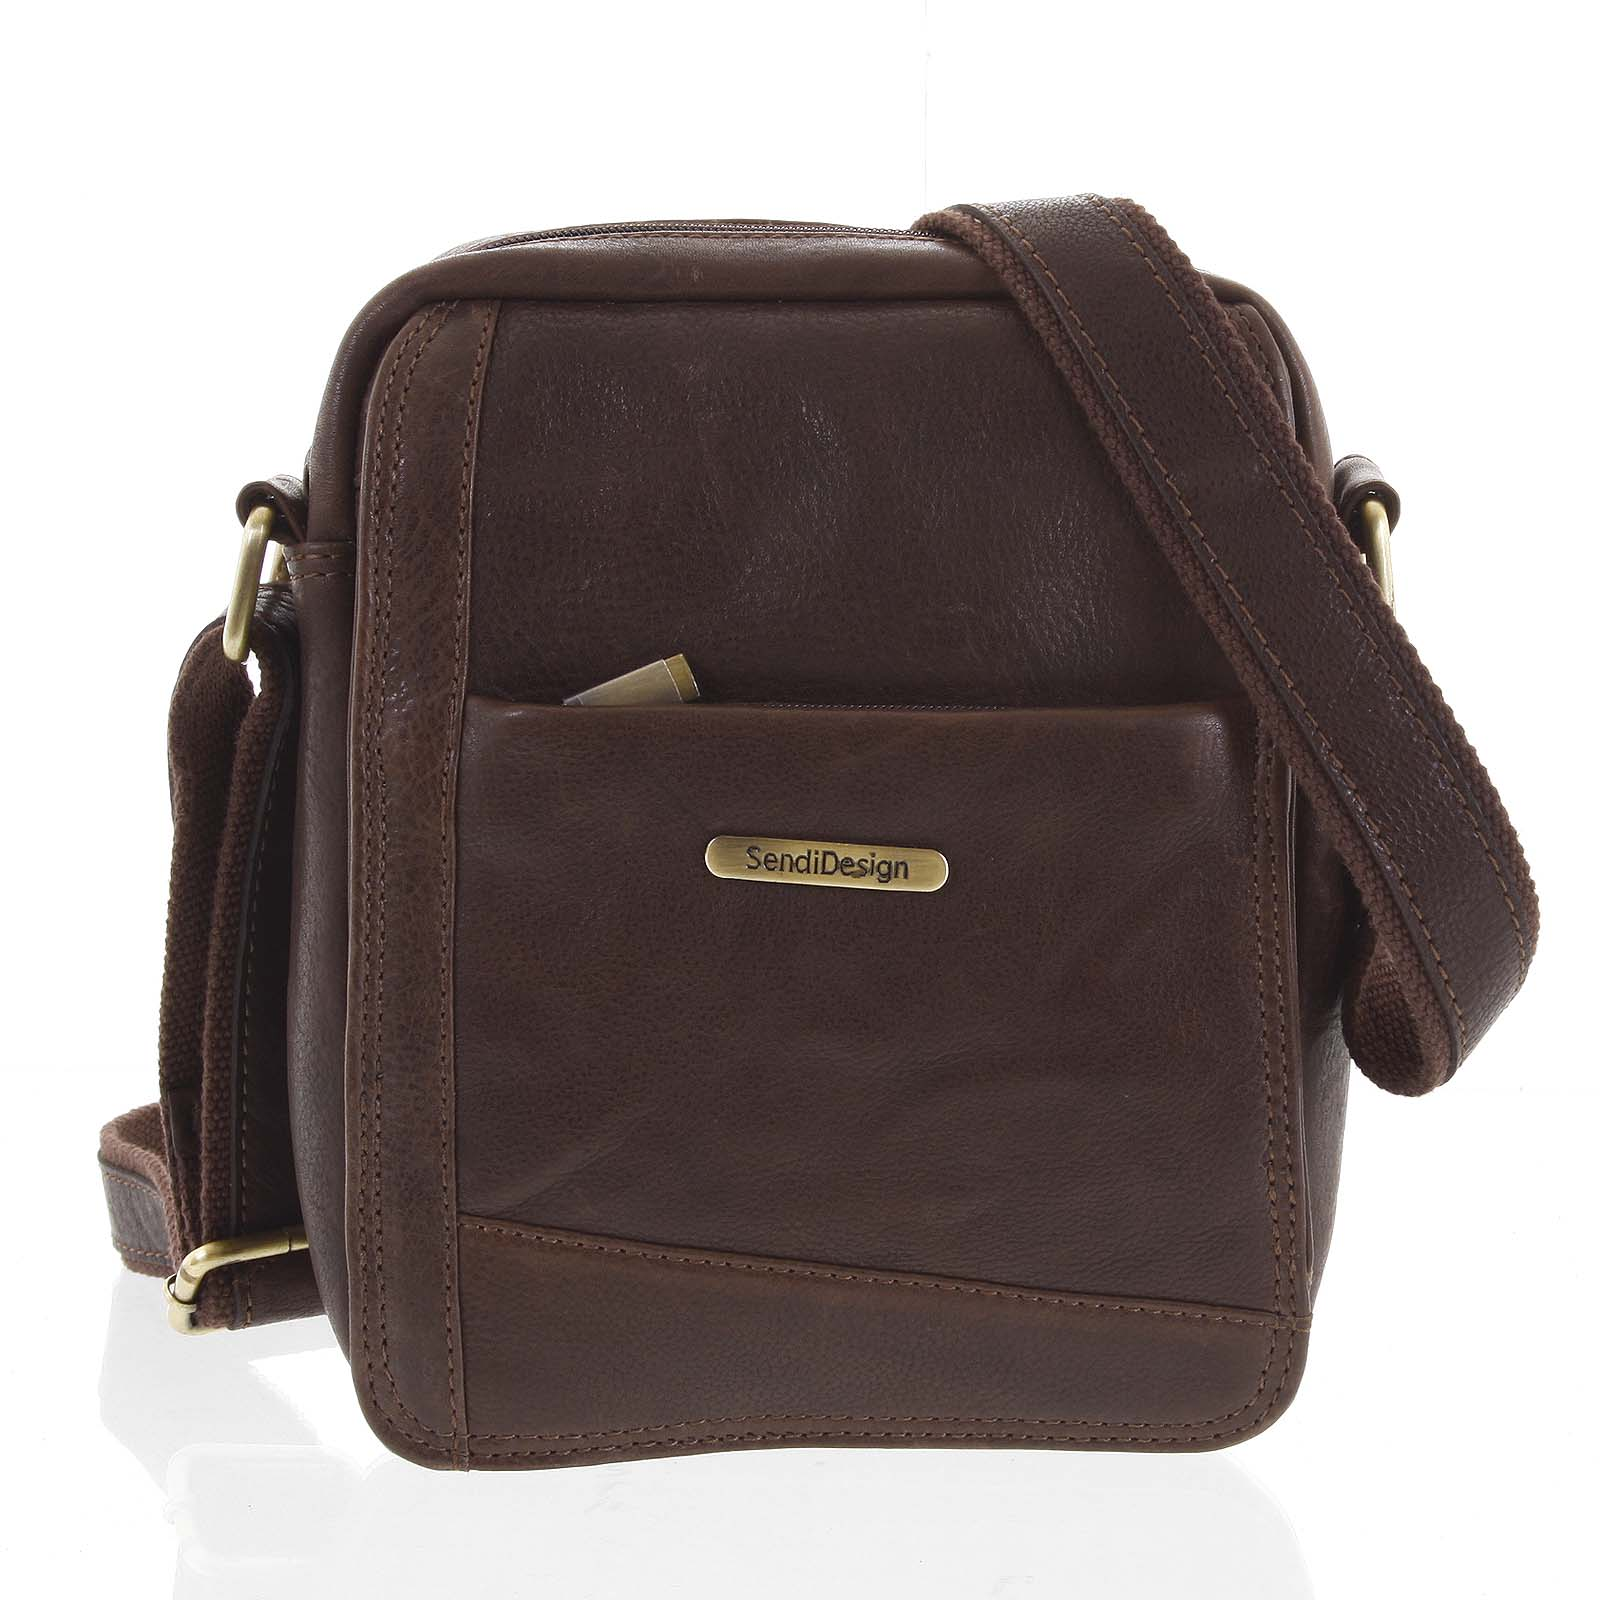 Pánská kožená taška na doklady hnědá - SendiDesign Eser